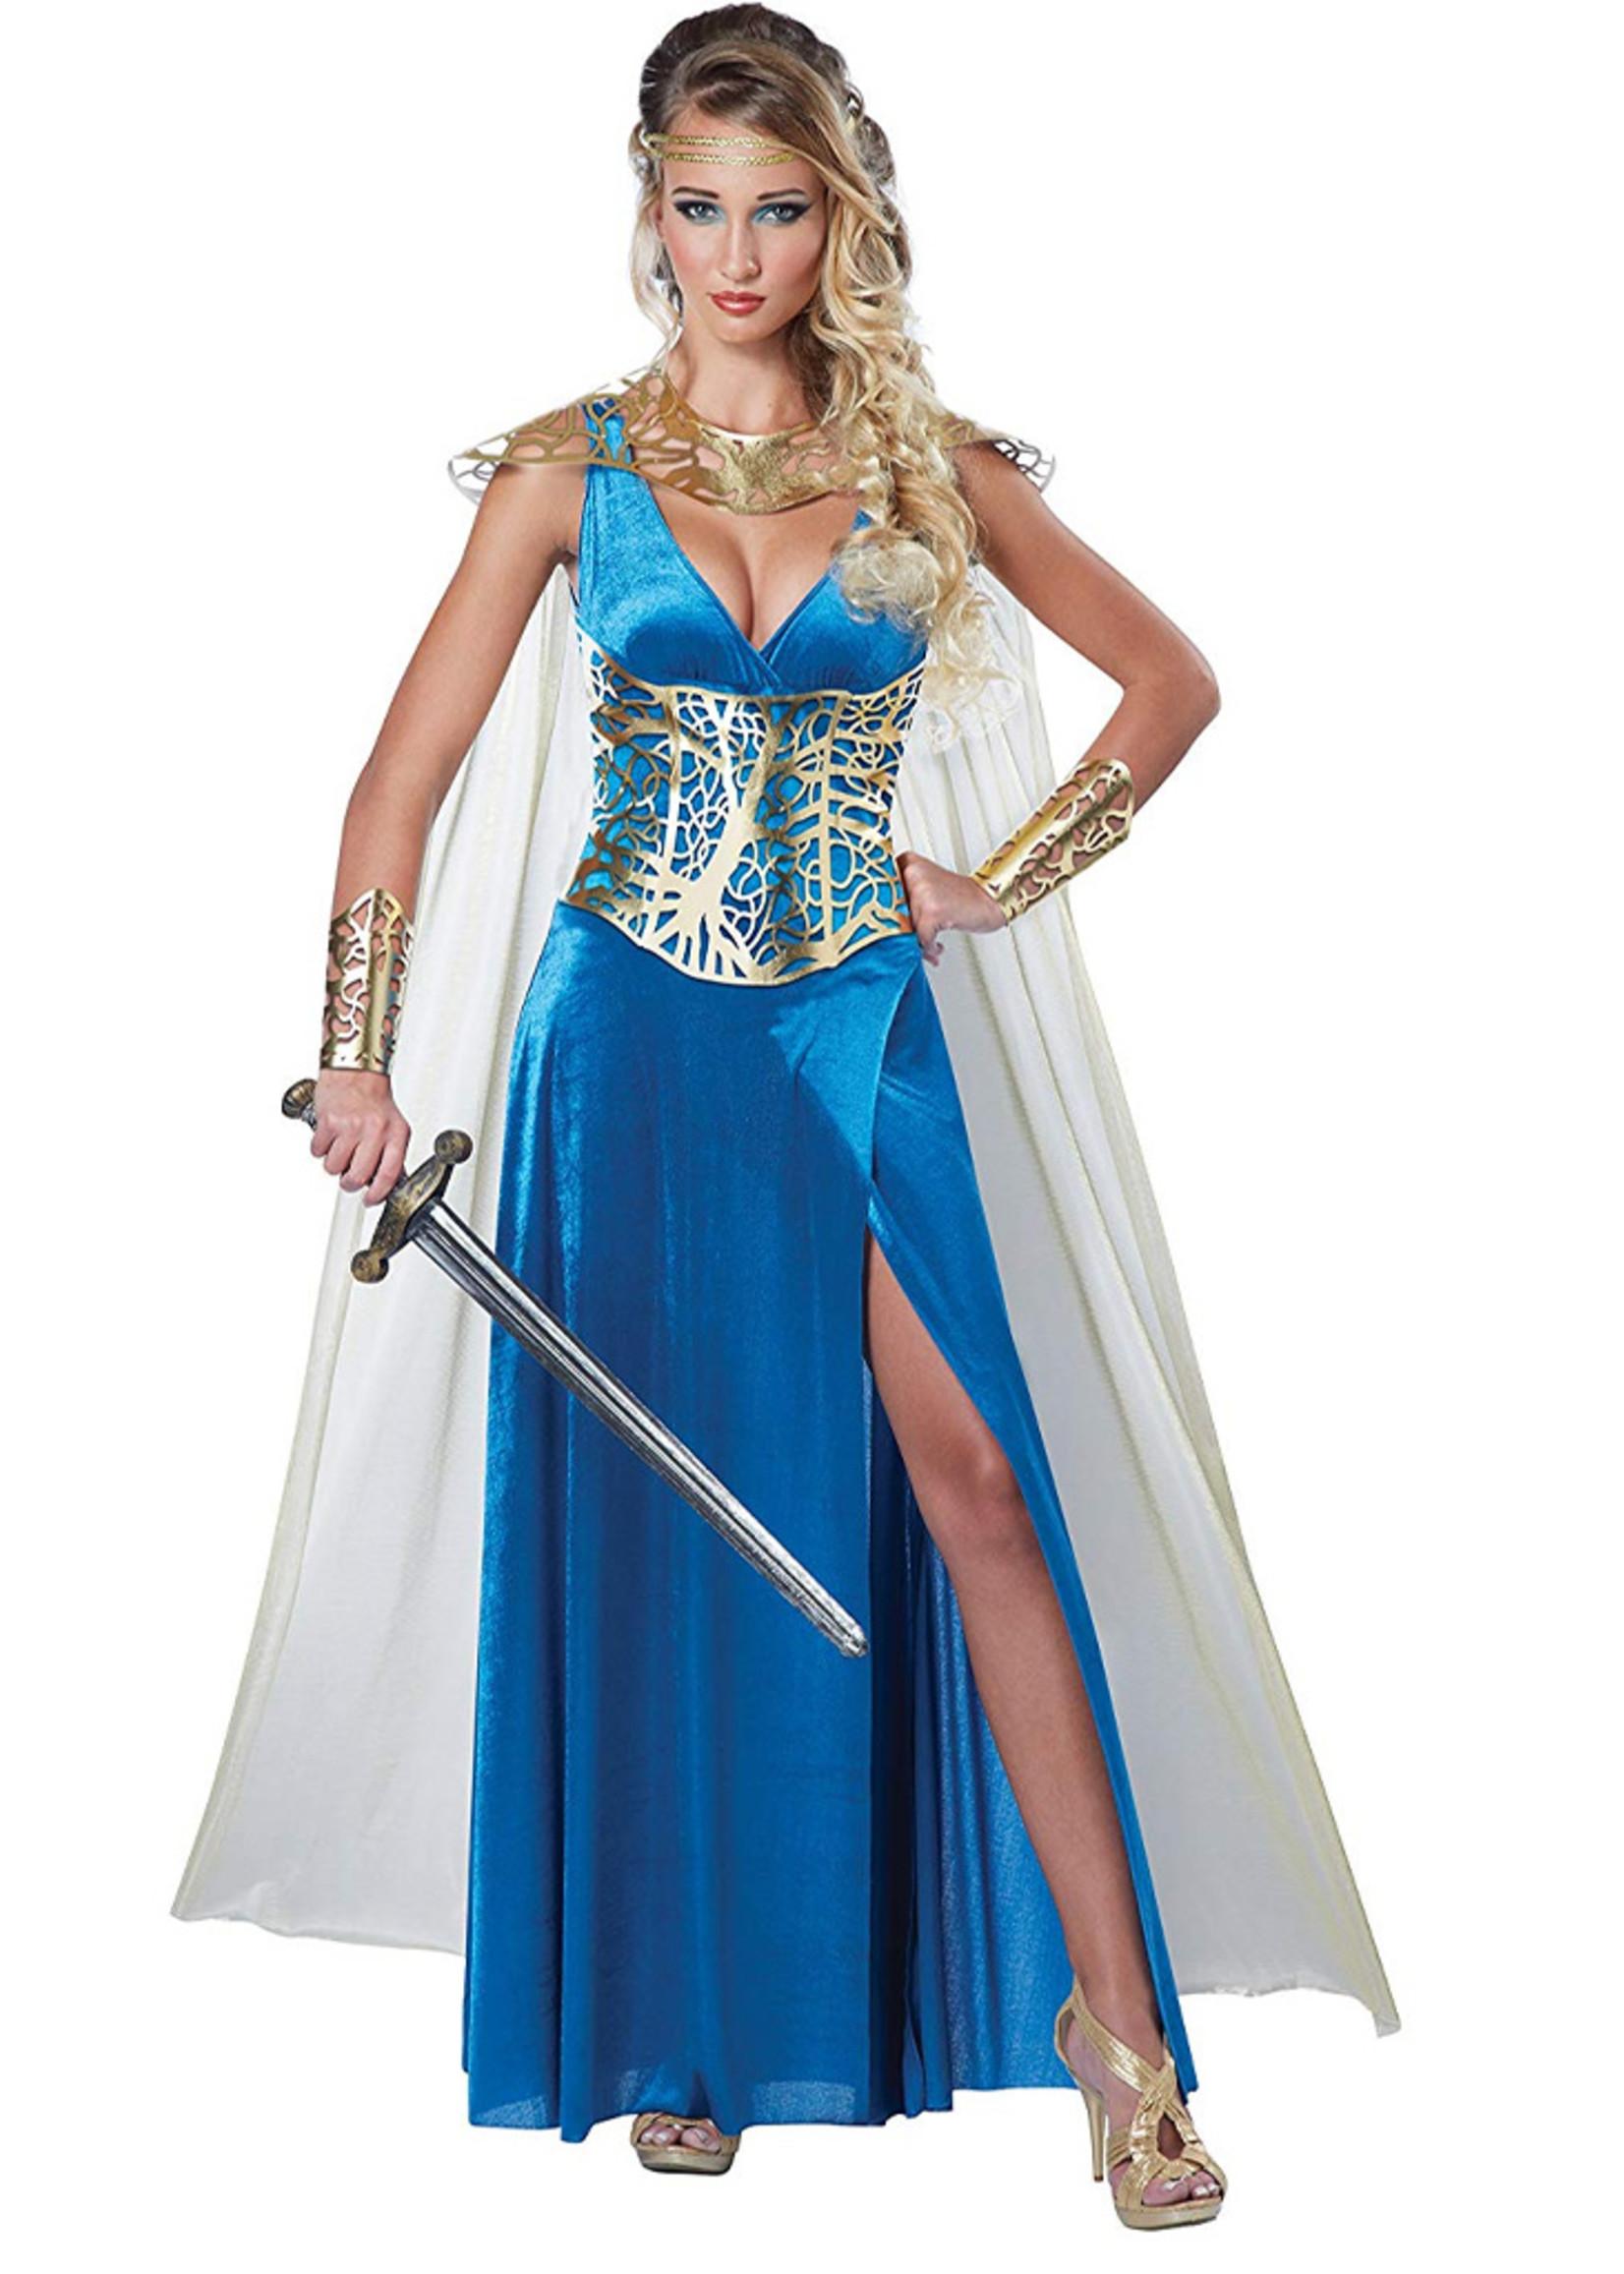 Warrior Queen Costume - Women's